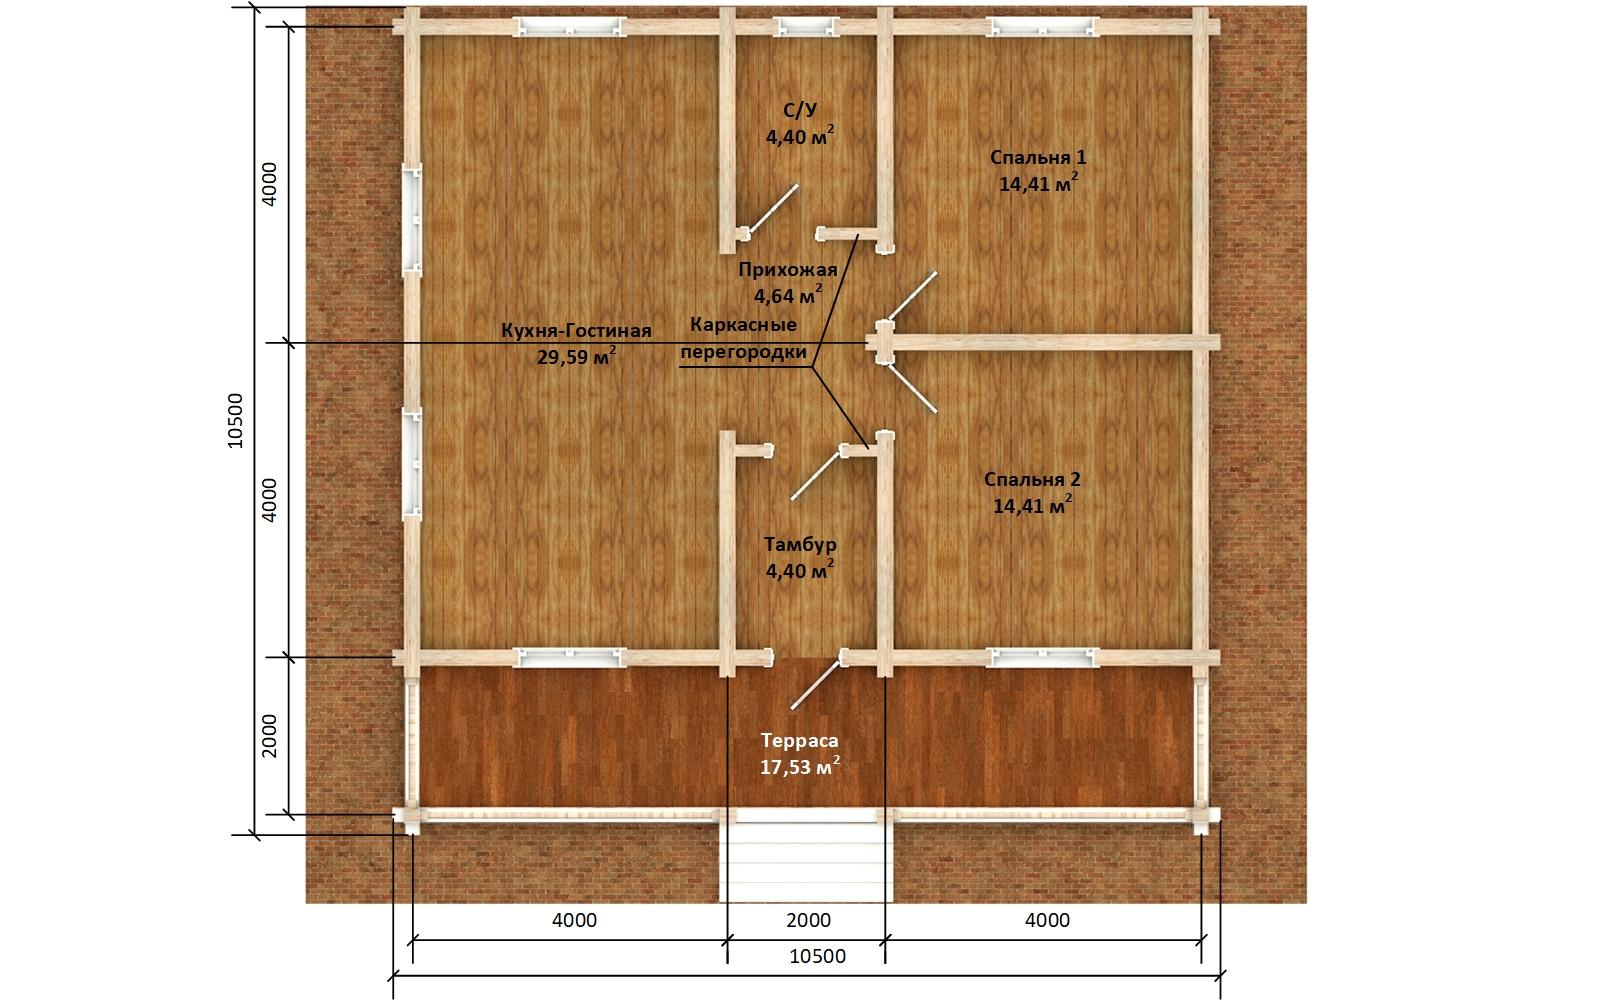 Фото #5: деревянный дом ПДБ-65 из клееного бруса купить за 8011498 (цена «Под ключ»)